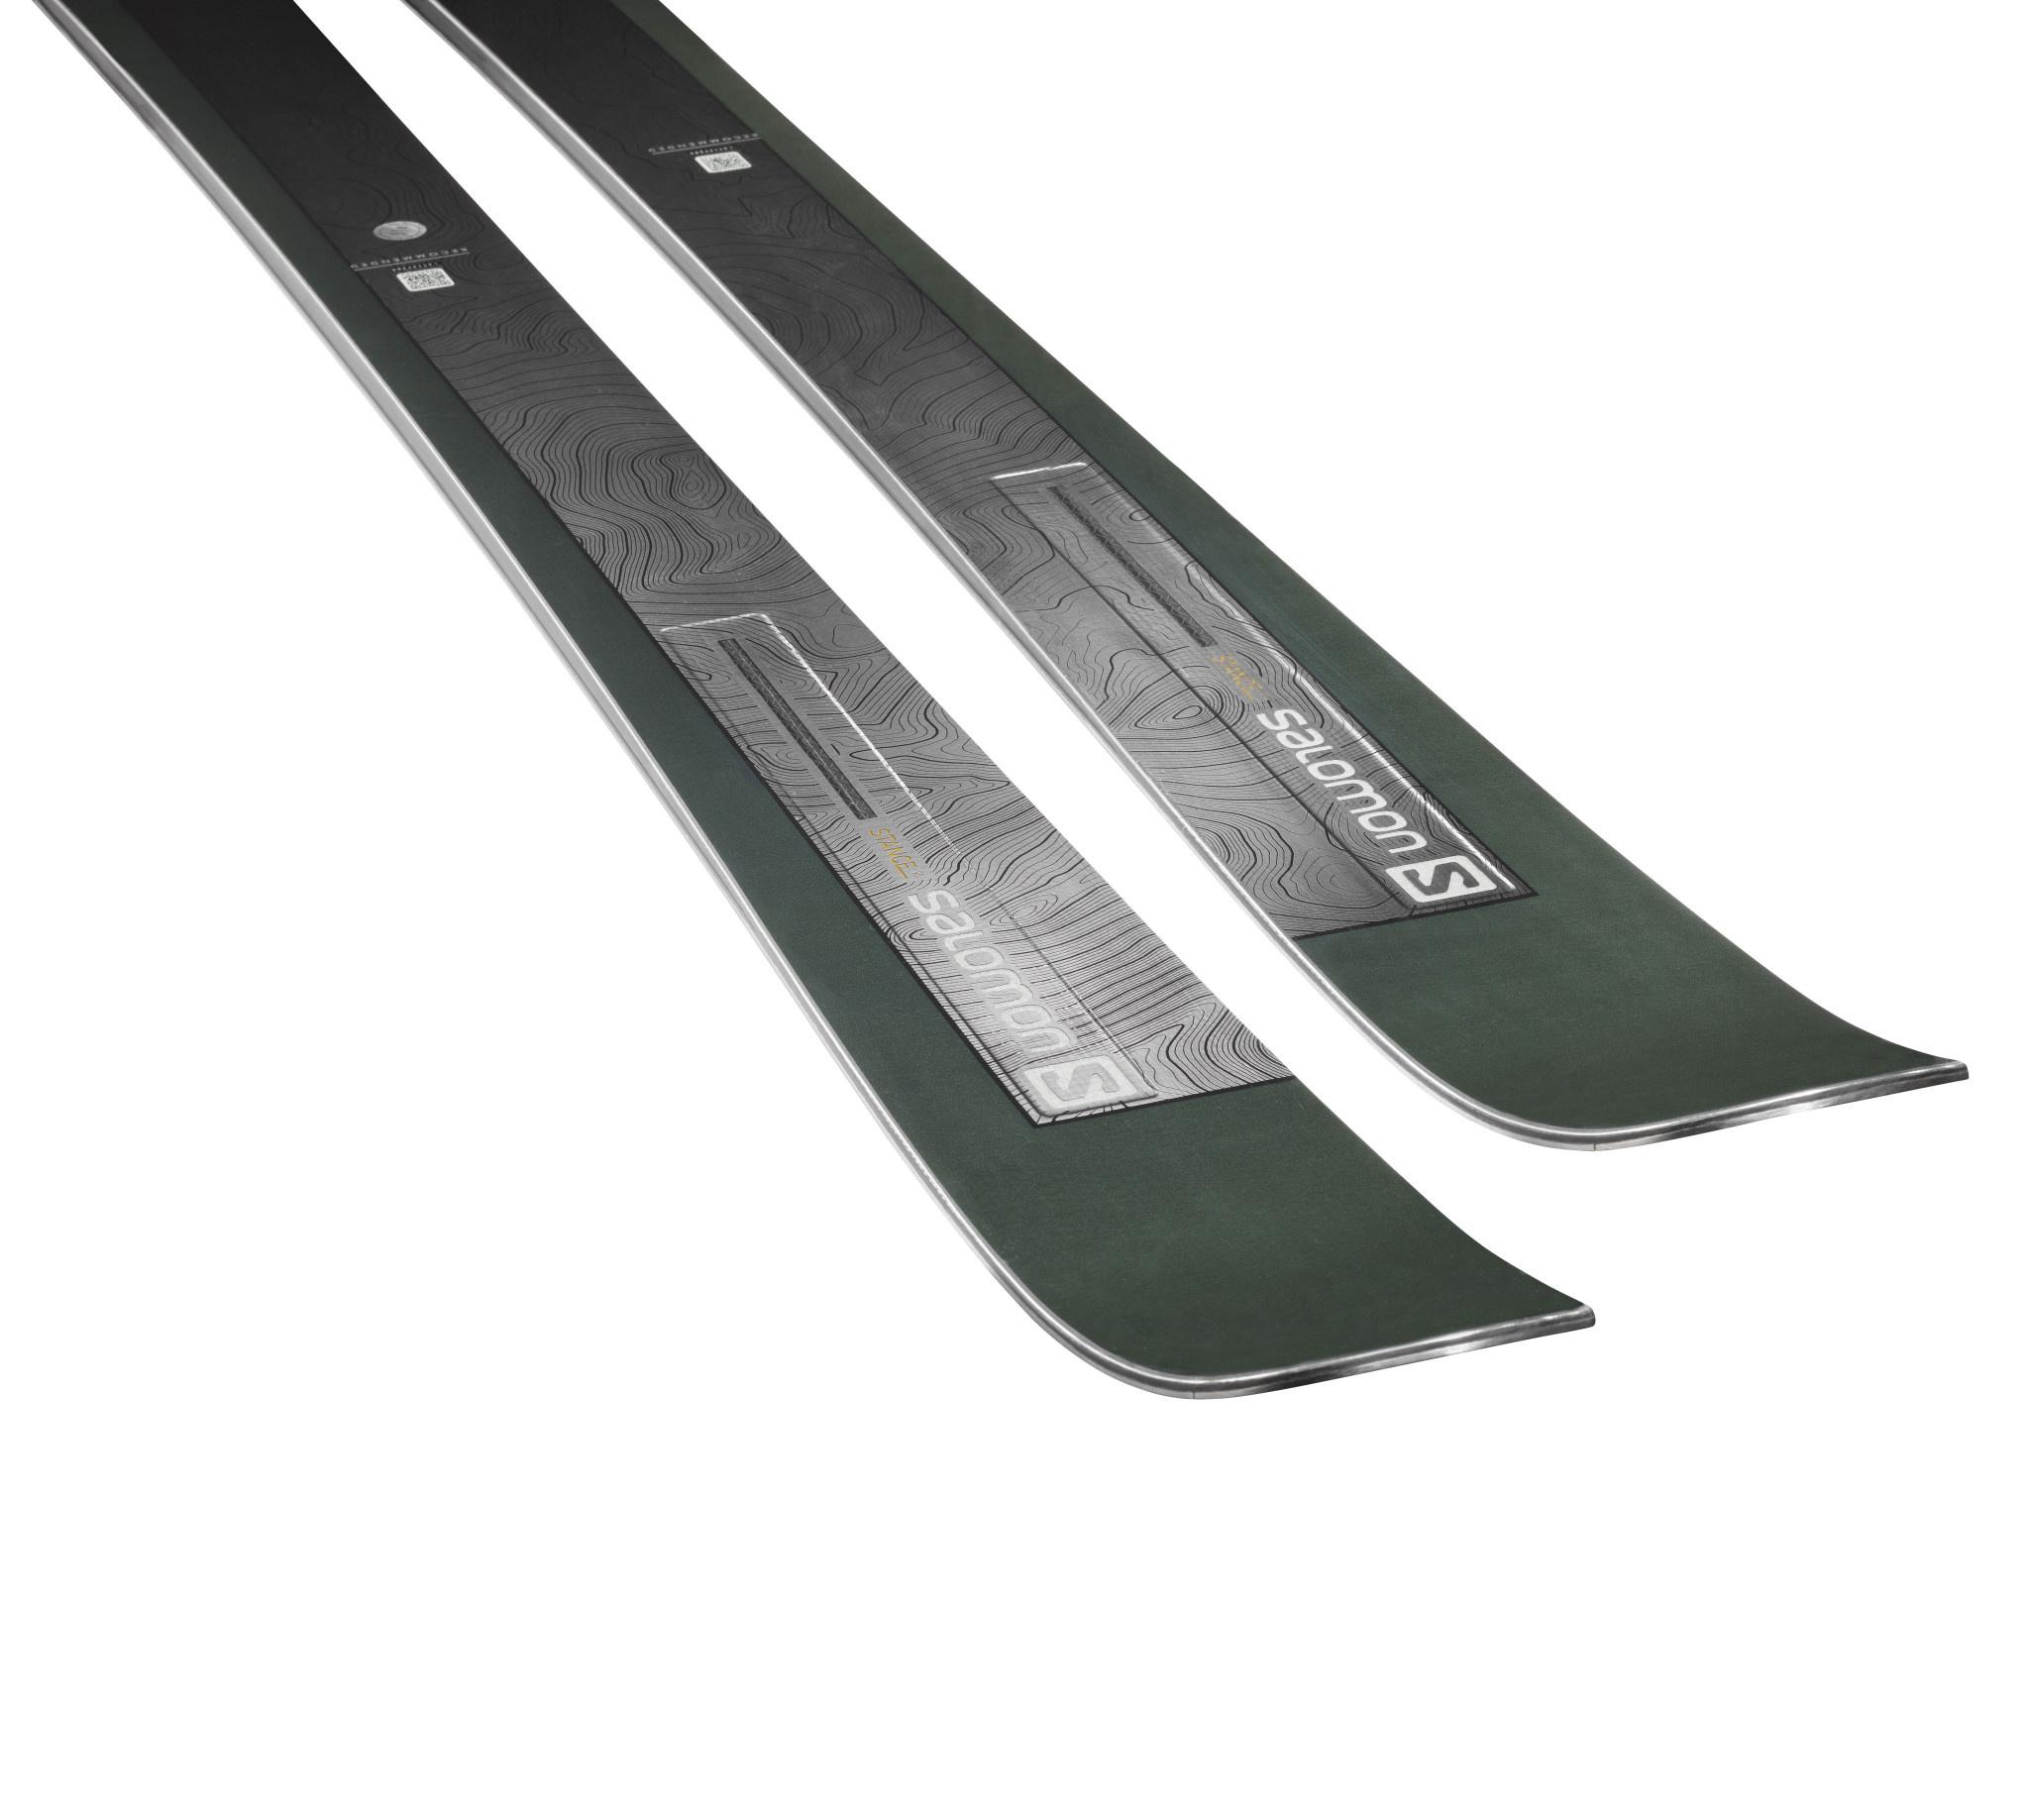 SALOMON Salomon Men's Stance 90 Ski (2021)